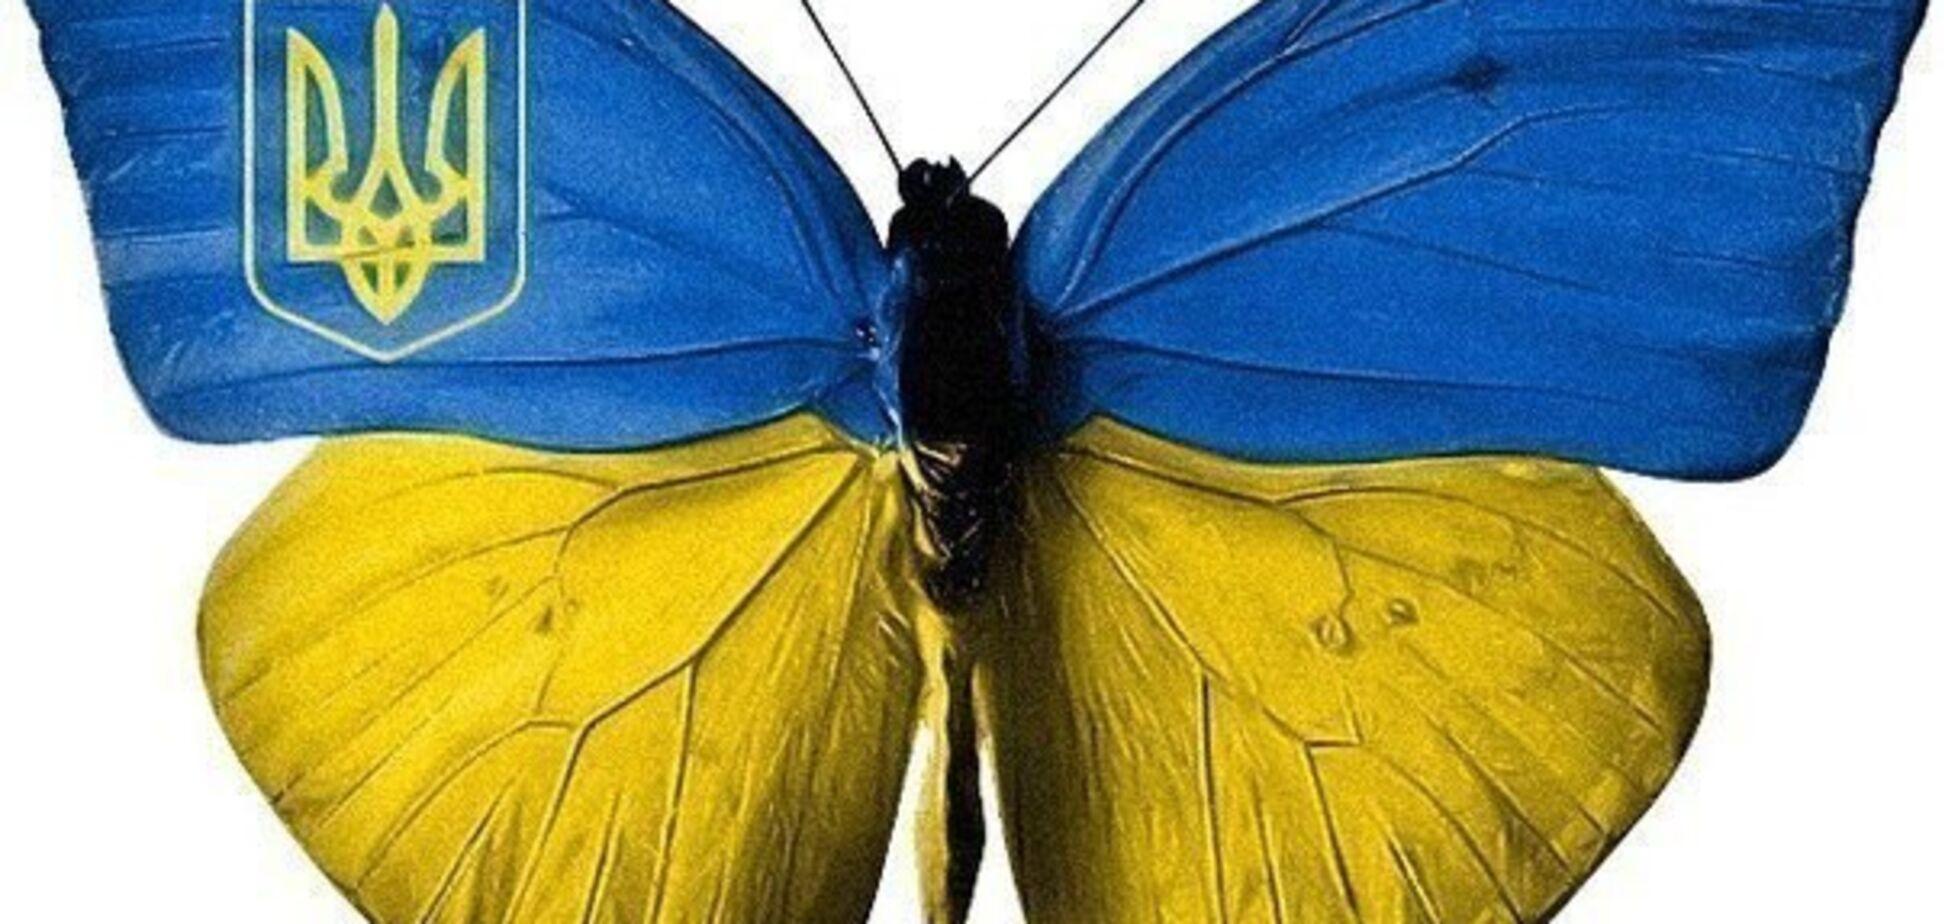 Осиновий кілок в серце Росії, або Головна зброя у знищенні України